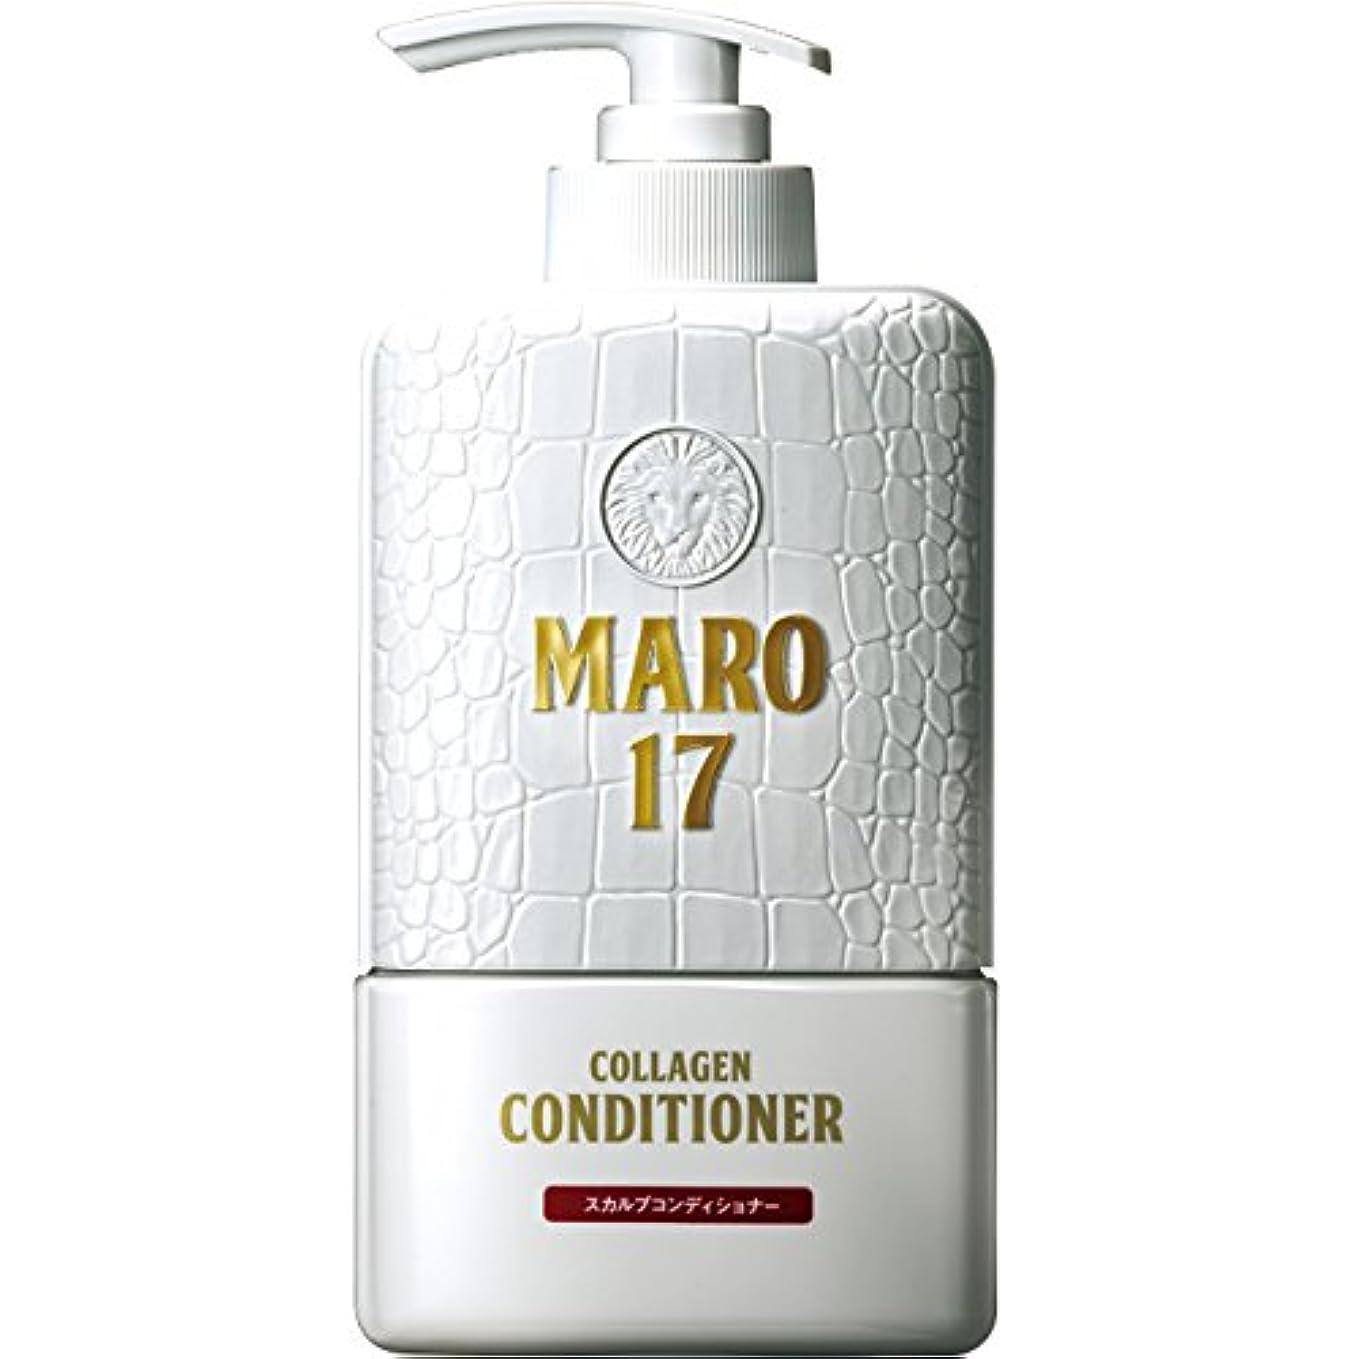 味実質的フレームワークMARO17 コラーゲン スカルプ コンディショナー 350ml